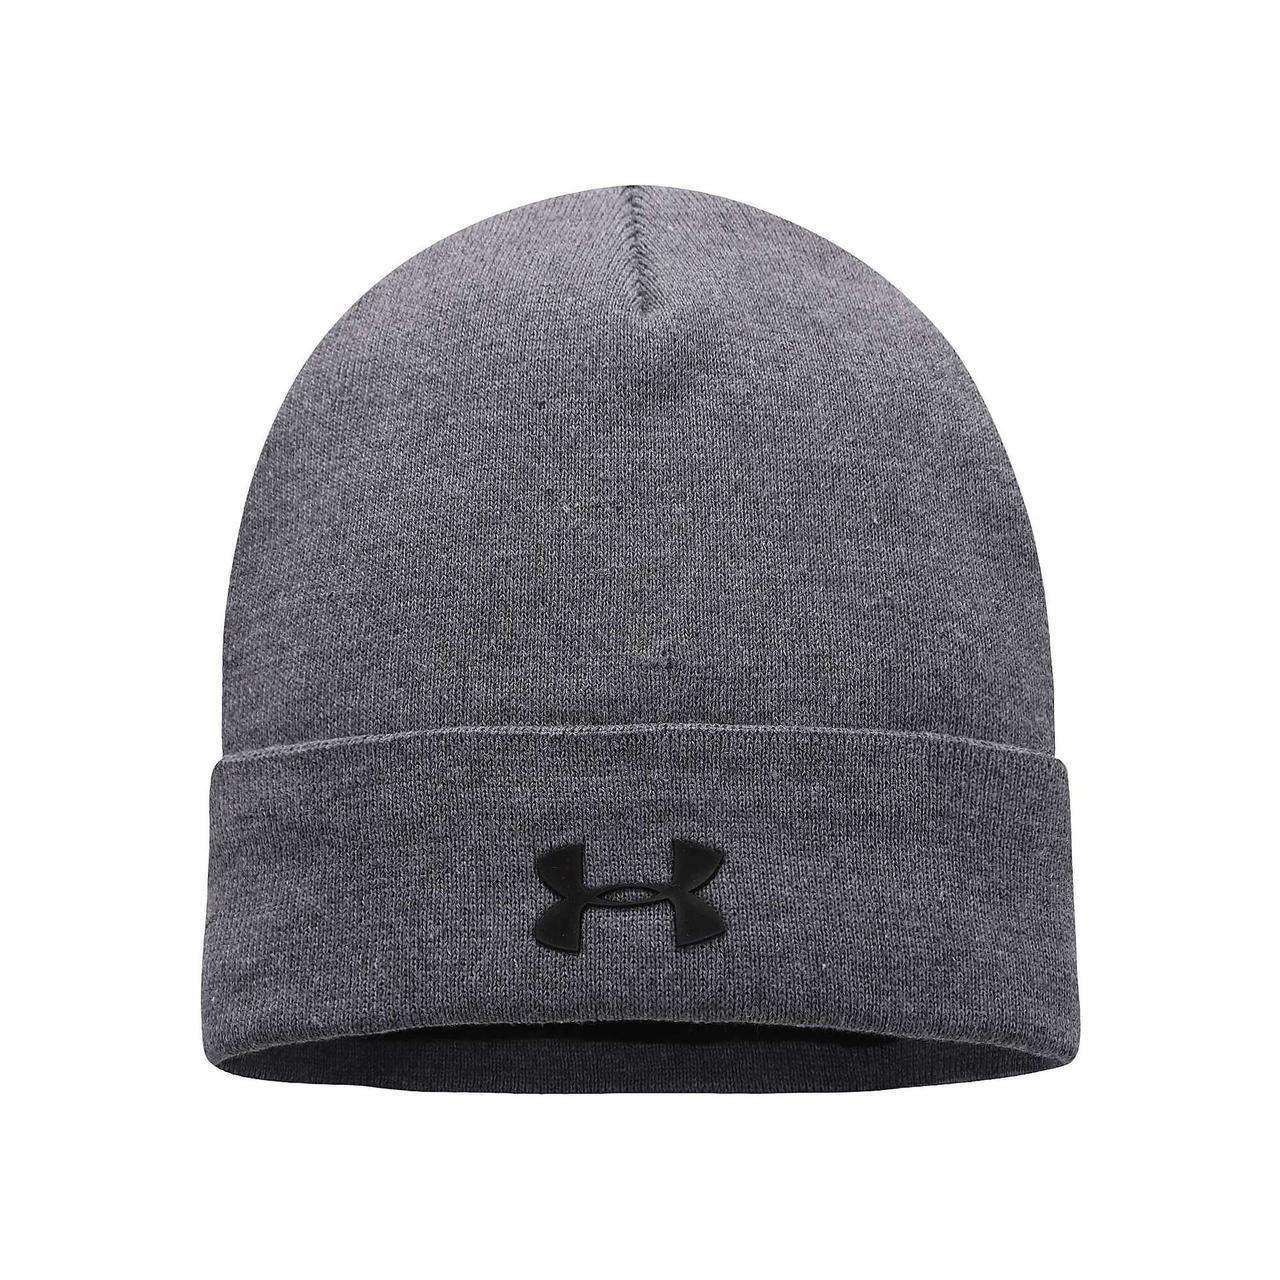 Шапка Under Armour  для взрослых и подростков шапки ундер армор